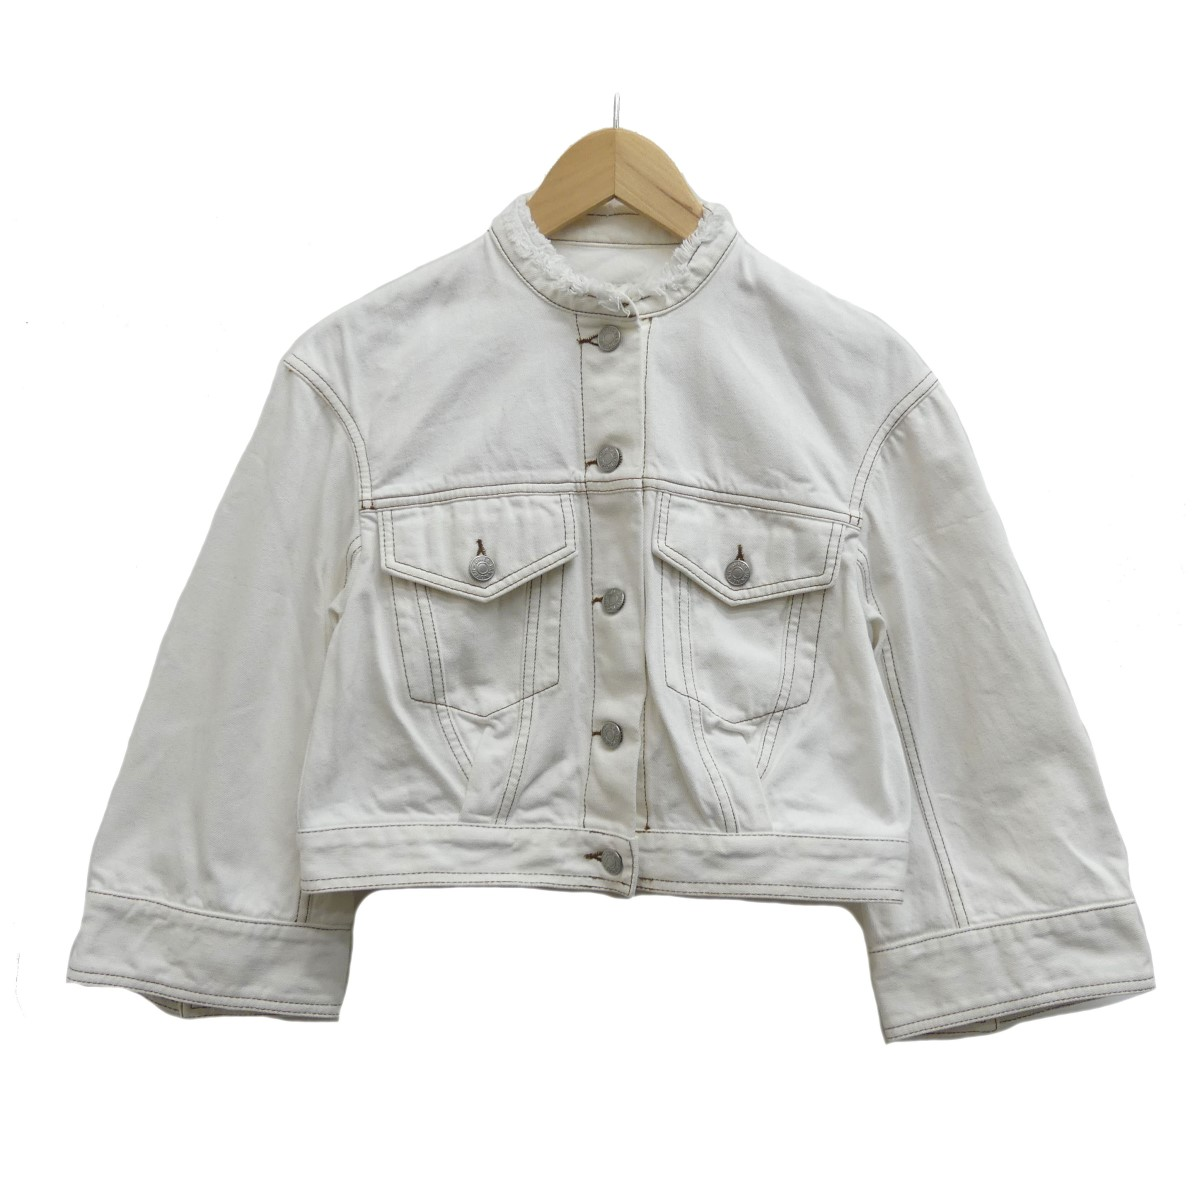 【中古】DRIES VAN NOTEN 16SS デニムジャケット ホワイト サイズ:34 【190420】(ドリスヴァンノッテン)